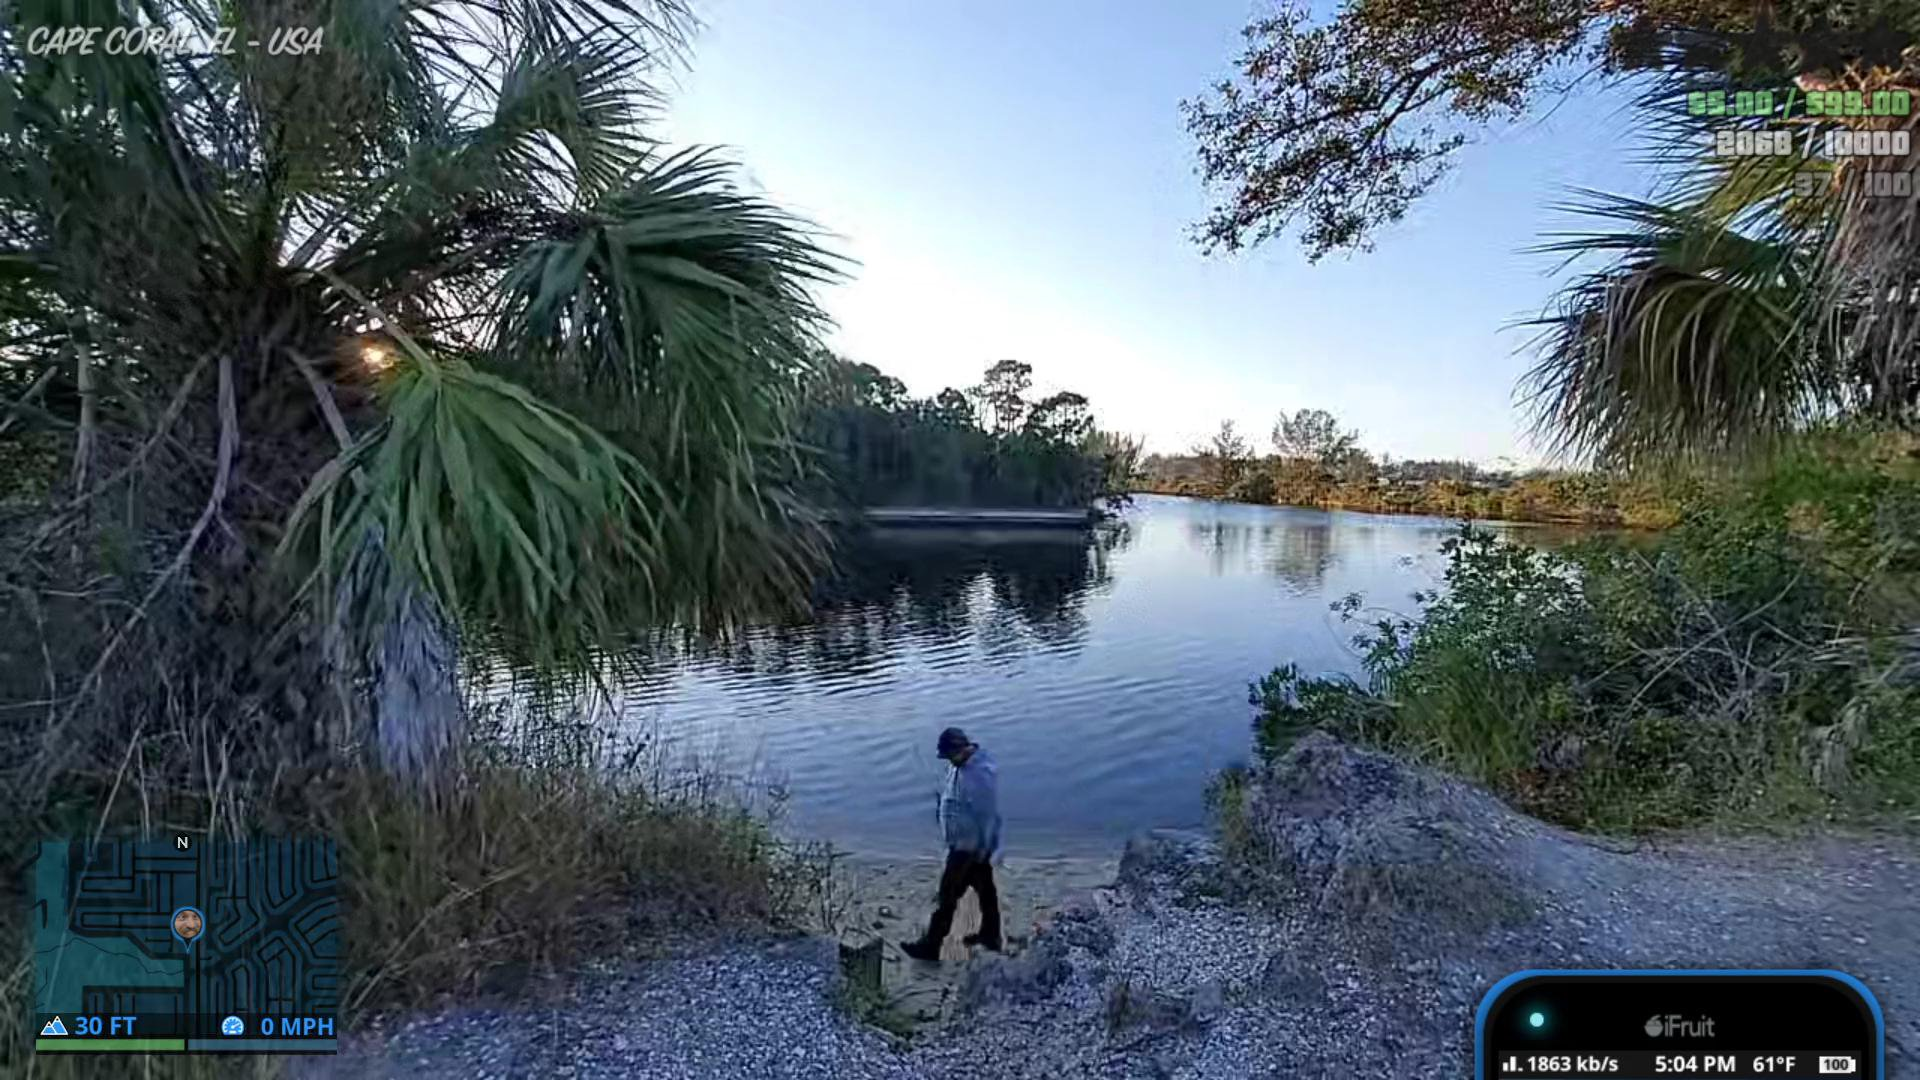 florida-fishing-with-aqualityarmoire-phuzzy-just-chatting-0259-https-t-co-w92v8ei1qz-https-t-co-b2c11lmxf4